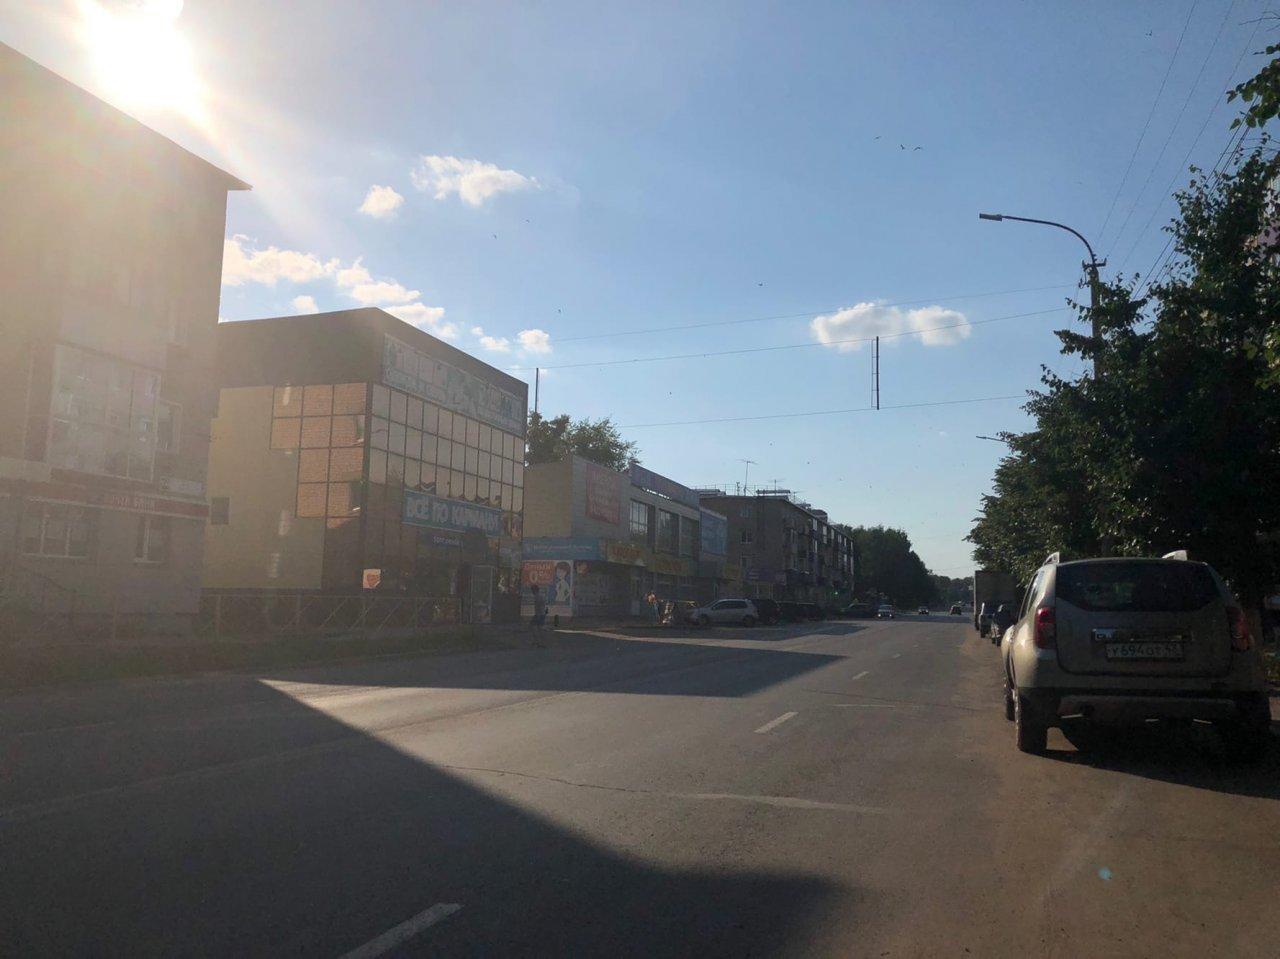 Известно, что в Кировской области остается под запретом до 24 июля